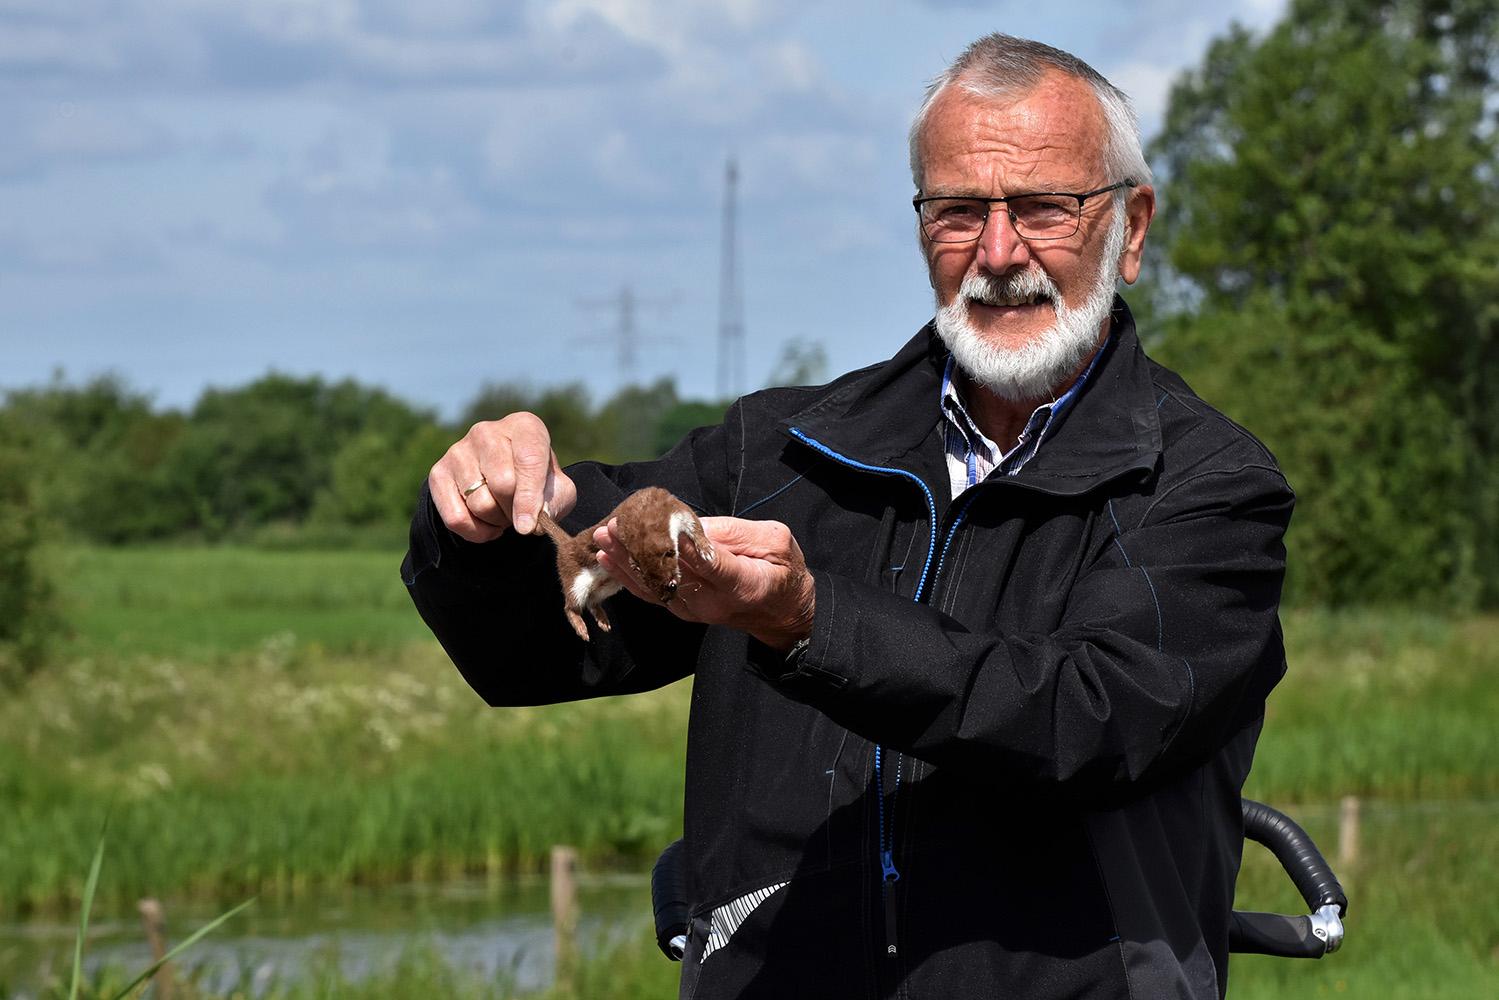 Natuurliefhebber Dick Teunissen met het doodgereden wezeltje - Foto: ©Louis Fraanje